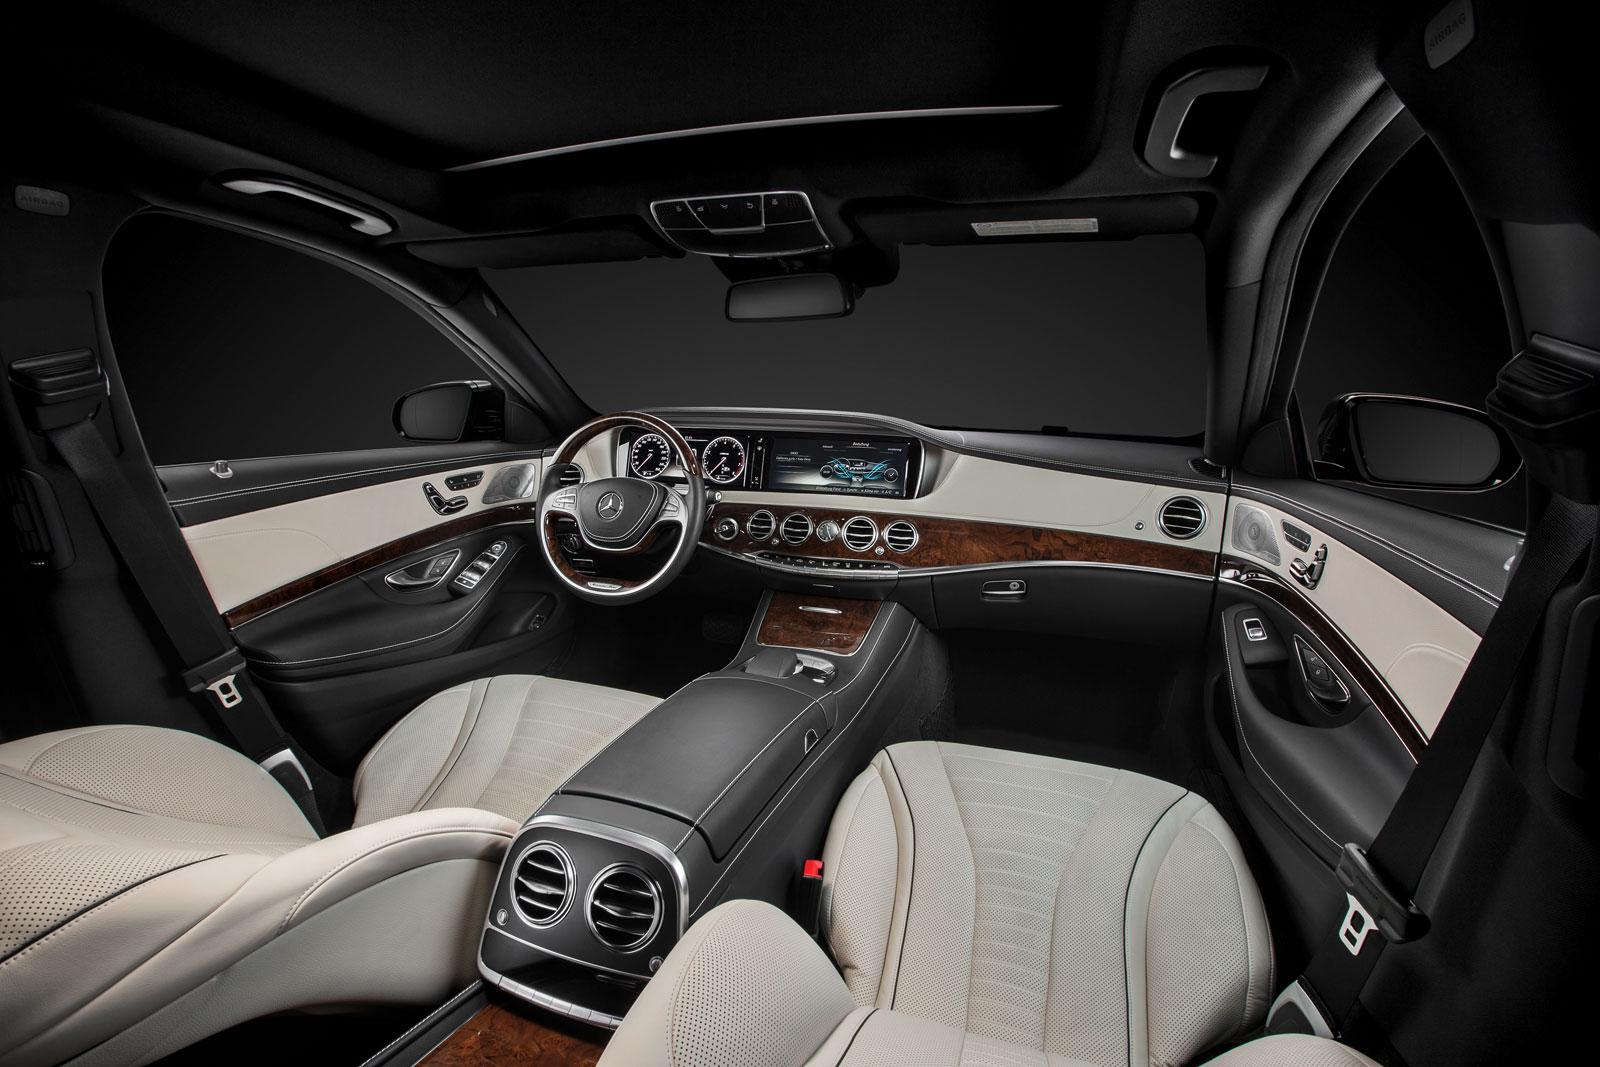 2014-Mercedes-Benz-S-Class-Interior-02.jpg